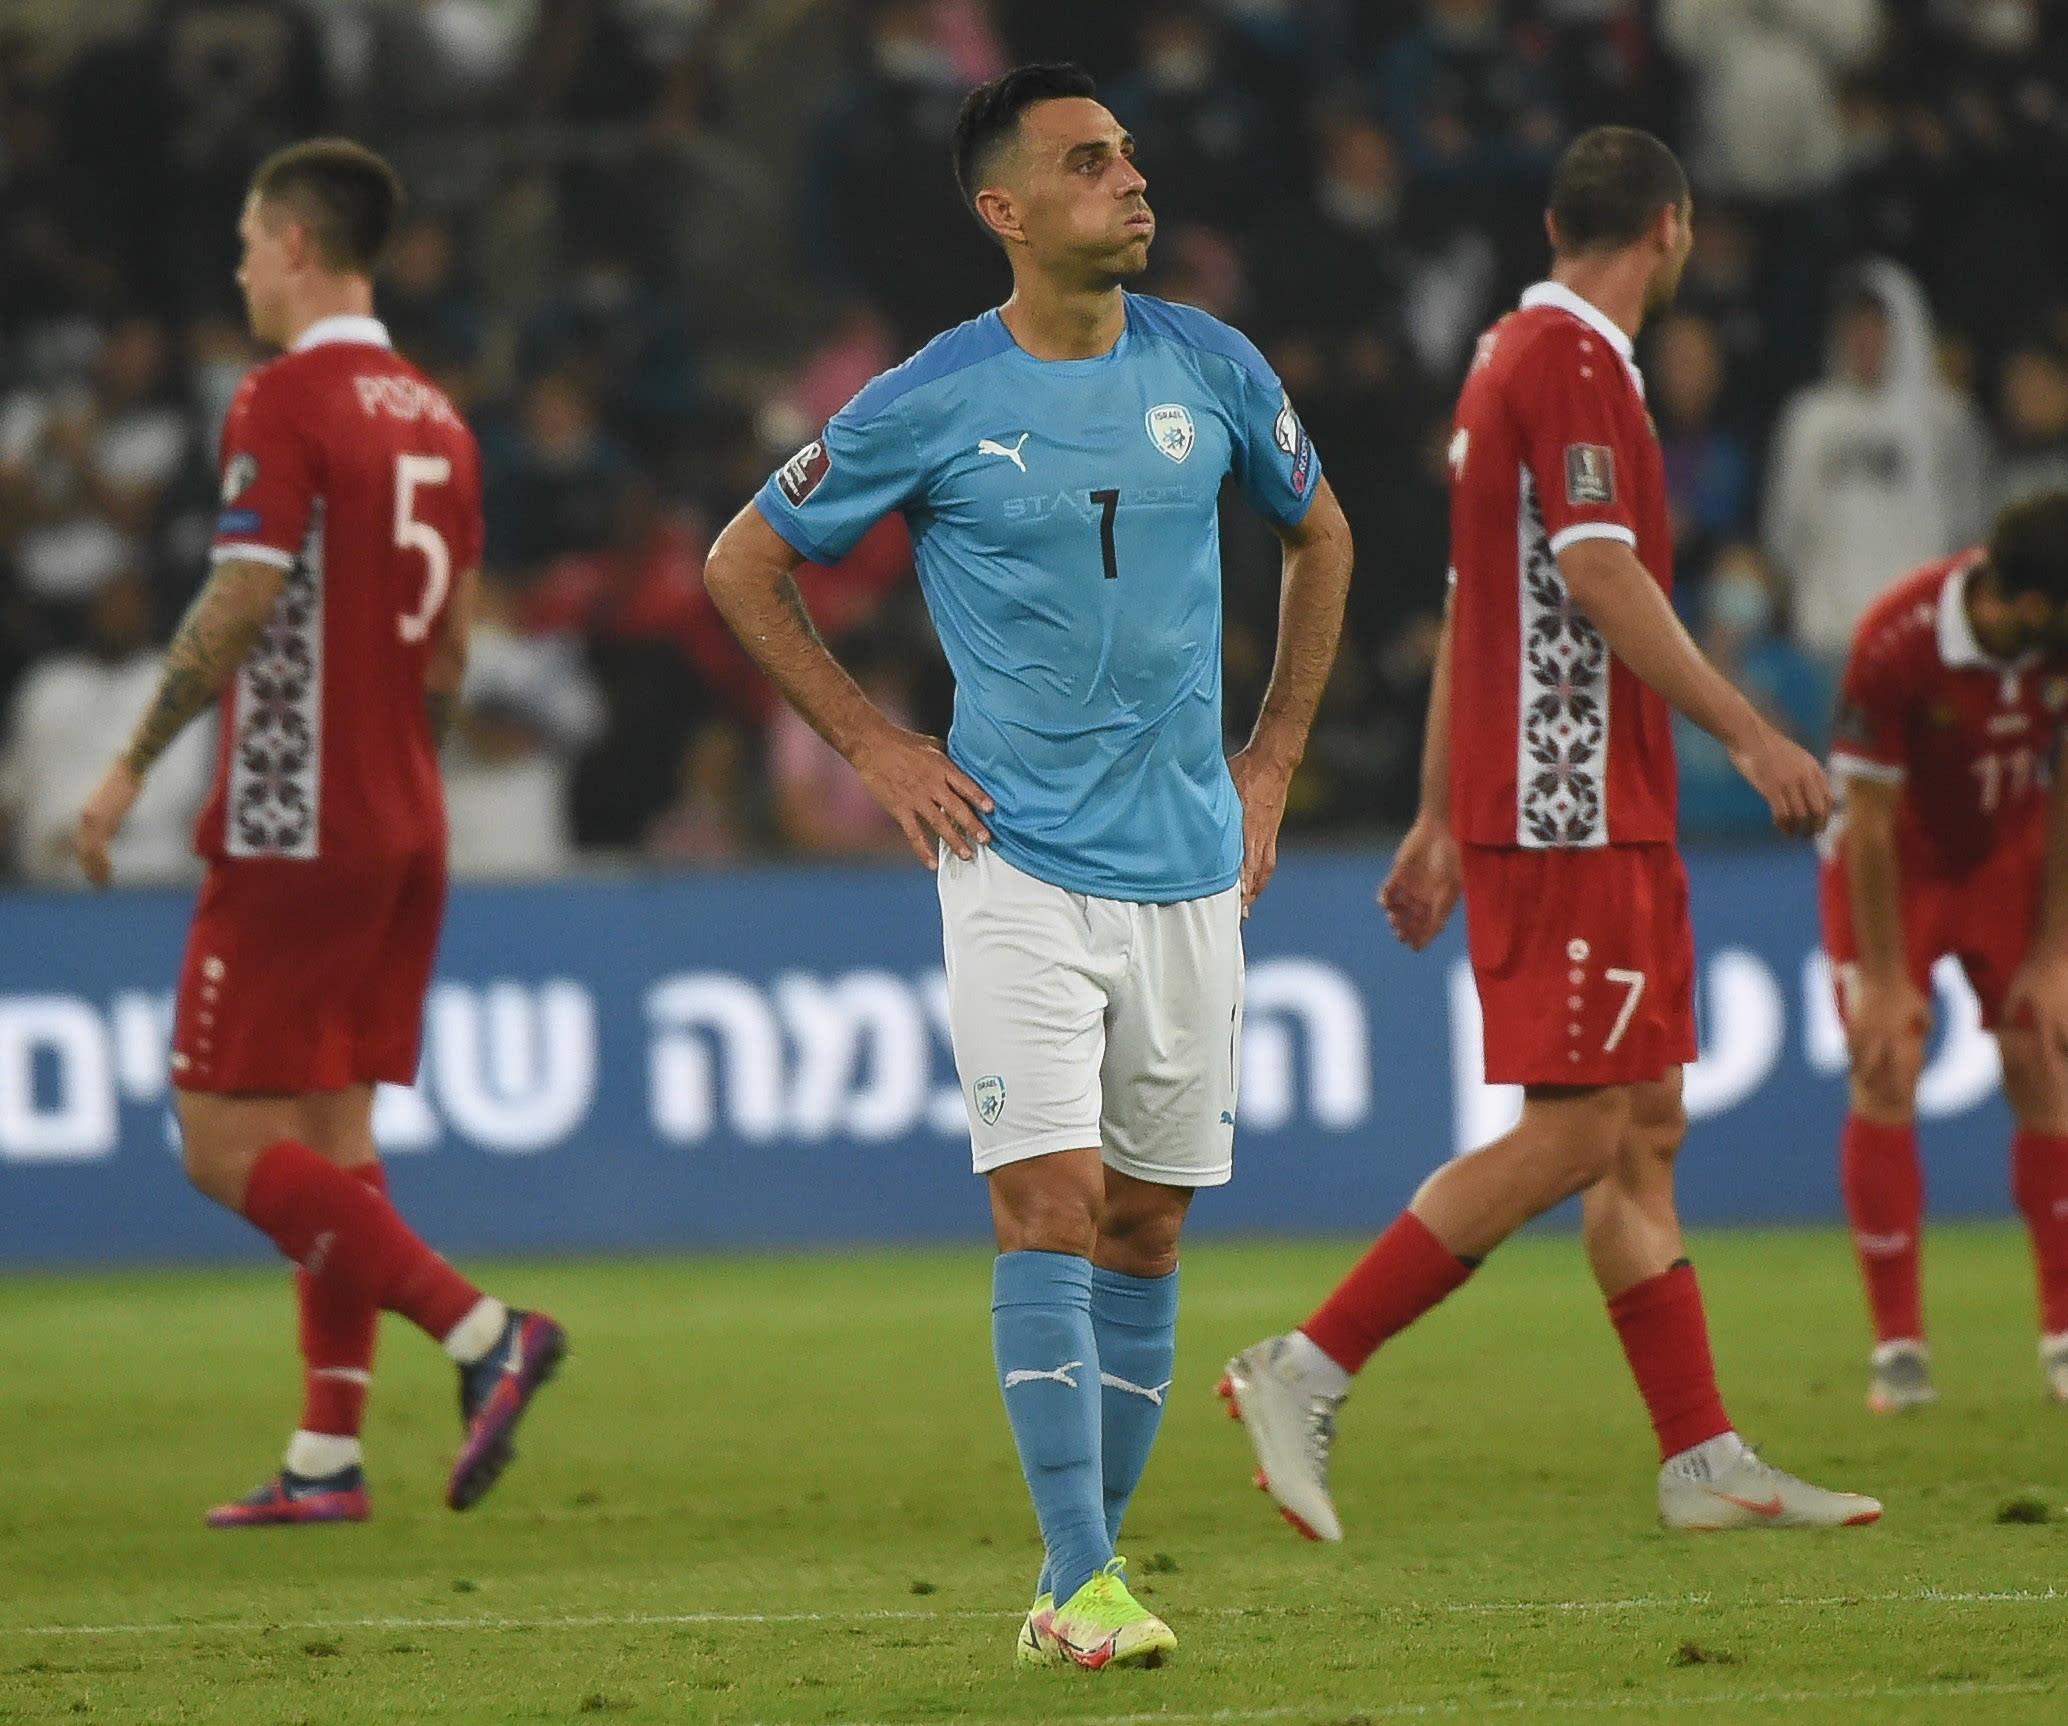 שחקן נבחרת ישראל ערן זהבי